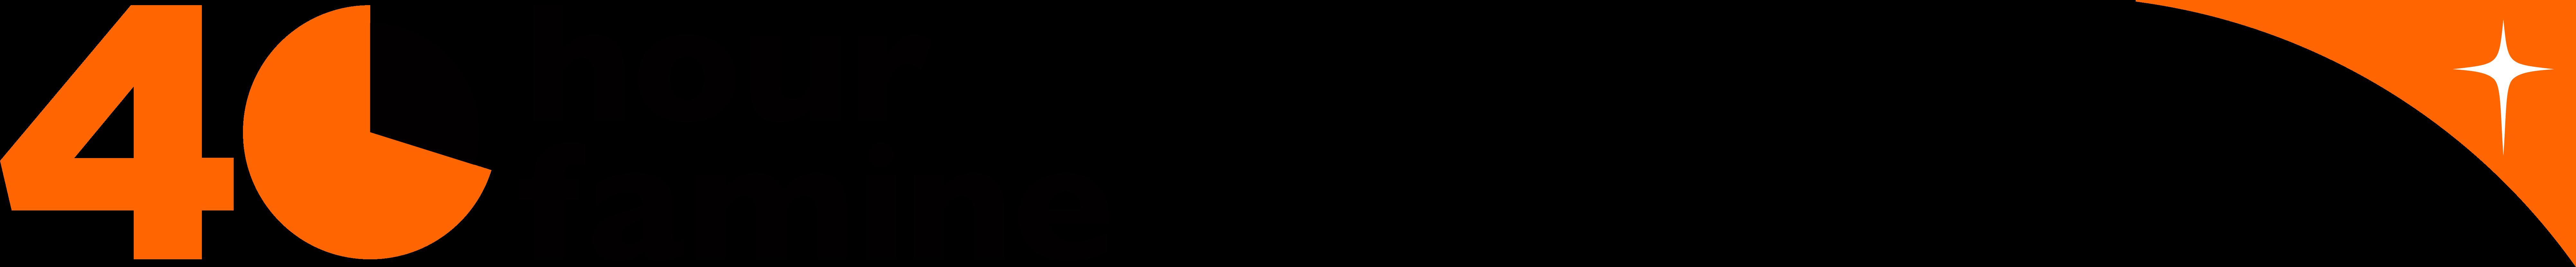 60d43d71e3561.png